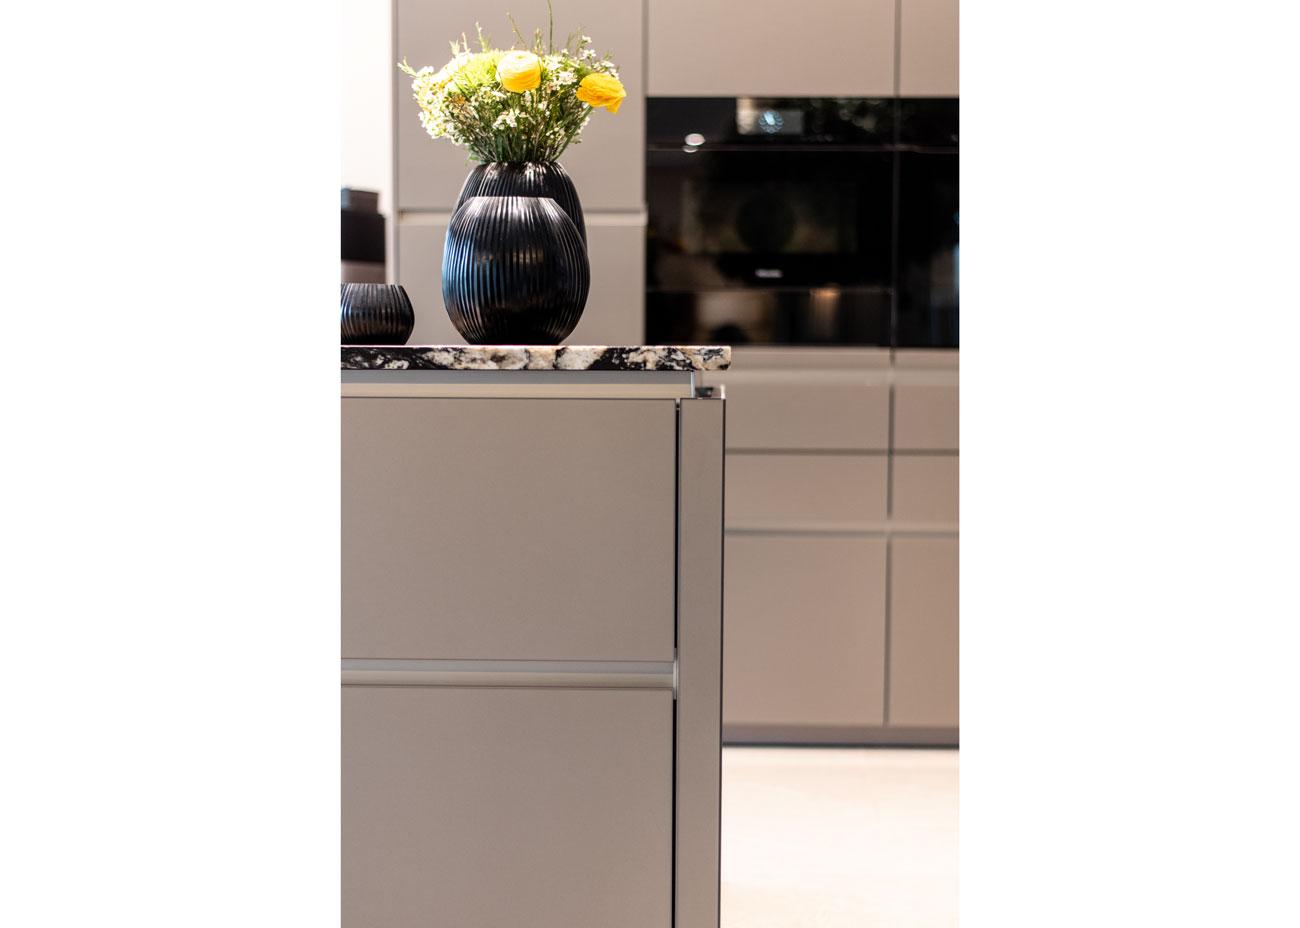 haus einrichten Küche glasfronten natursteinplatte detail kante mit vase